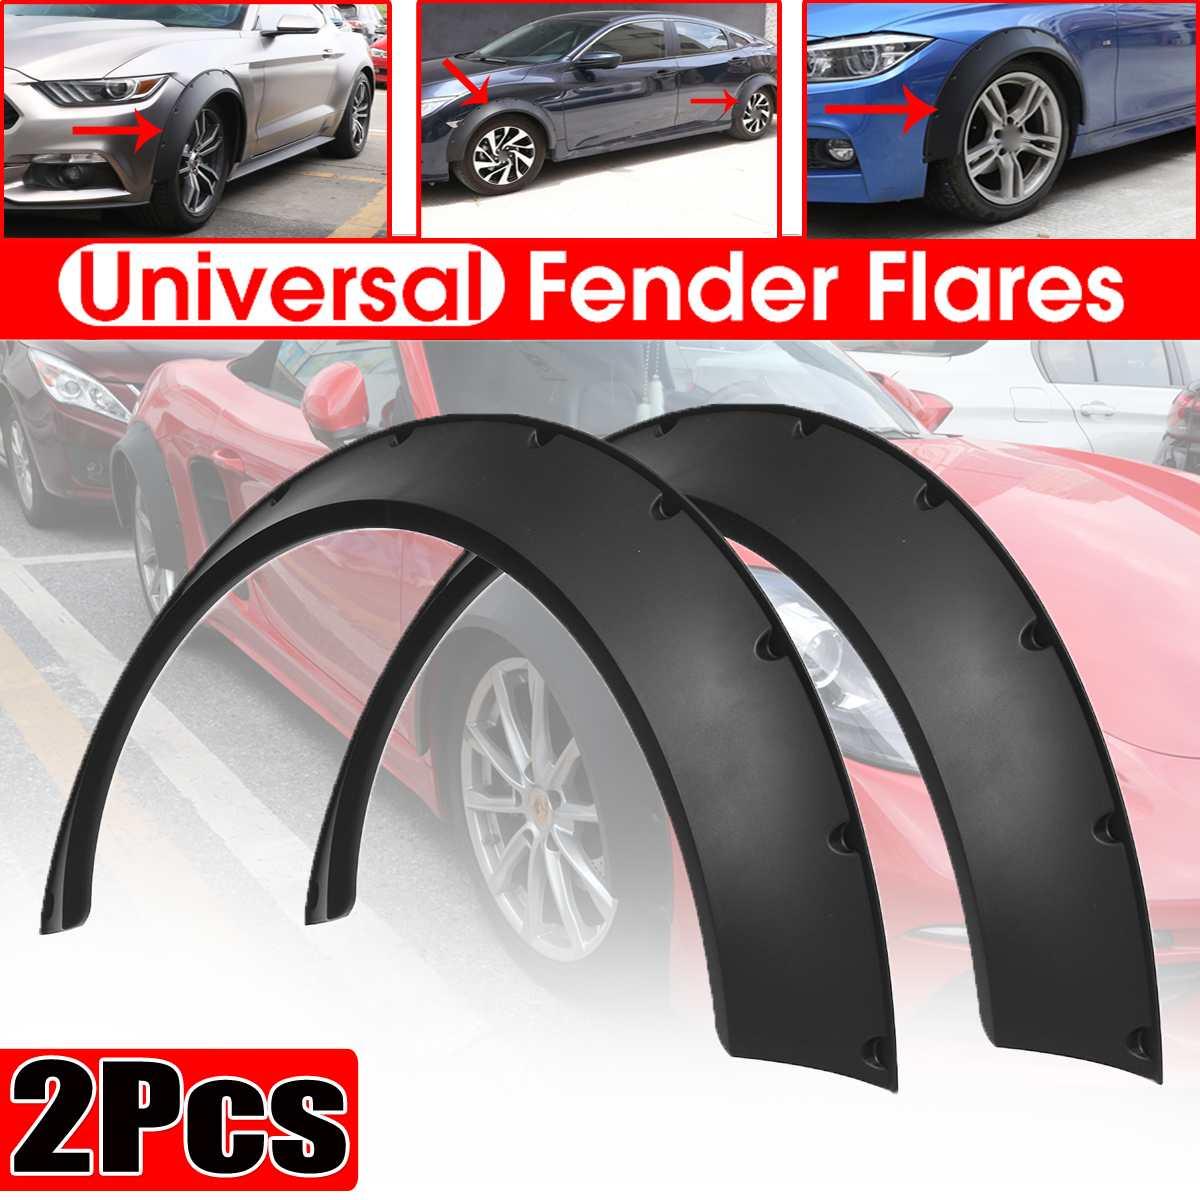 Universale 2pcs Auto Per Fender Flares Per Auto Kit corpo vettura Mud Splash Guard Passaruota di Estensione Per Il BMW Per Benz per Ford